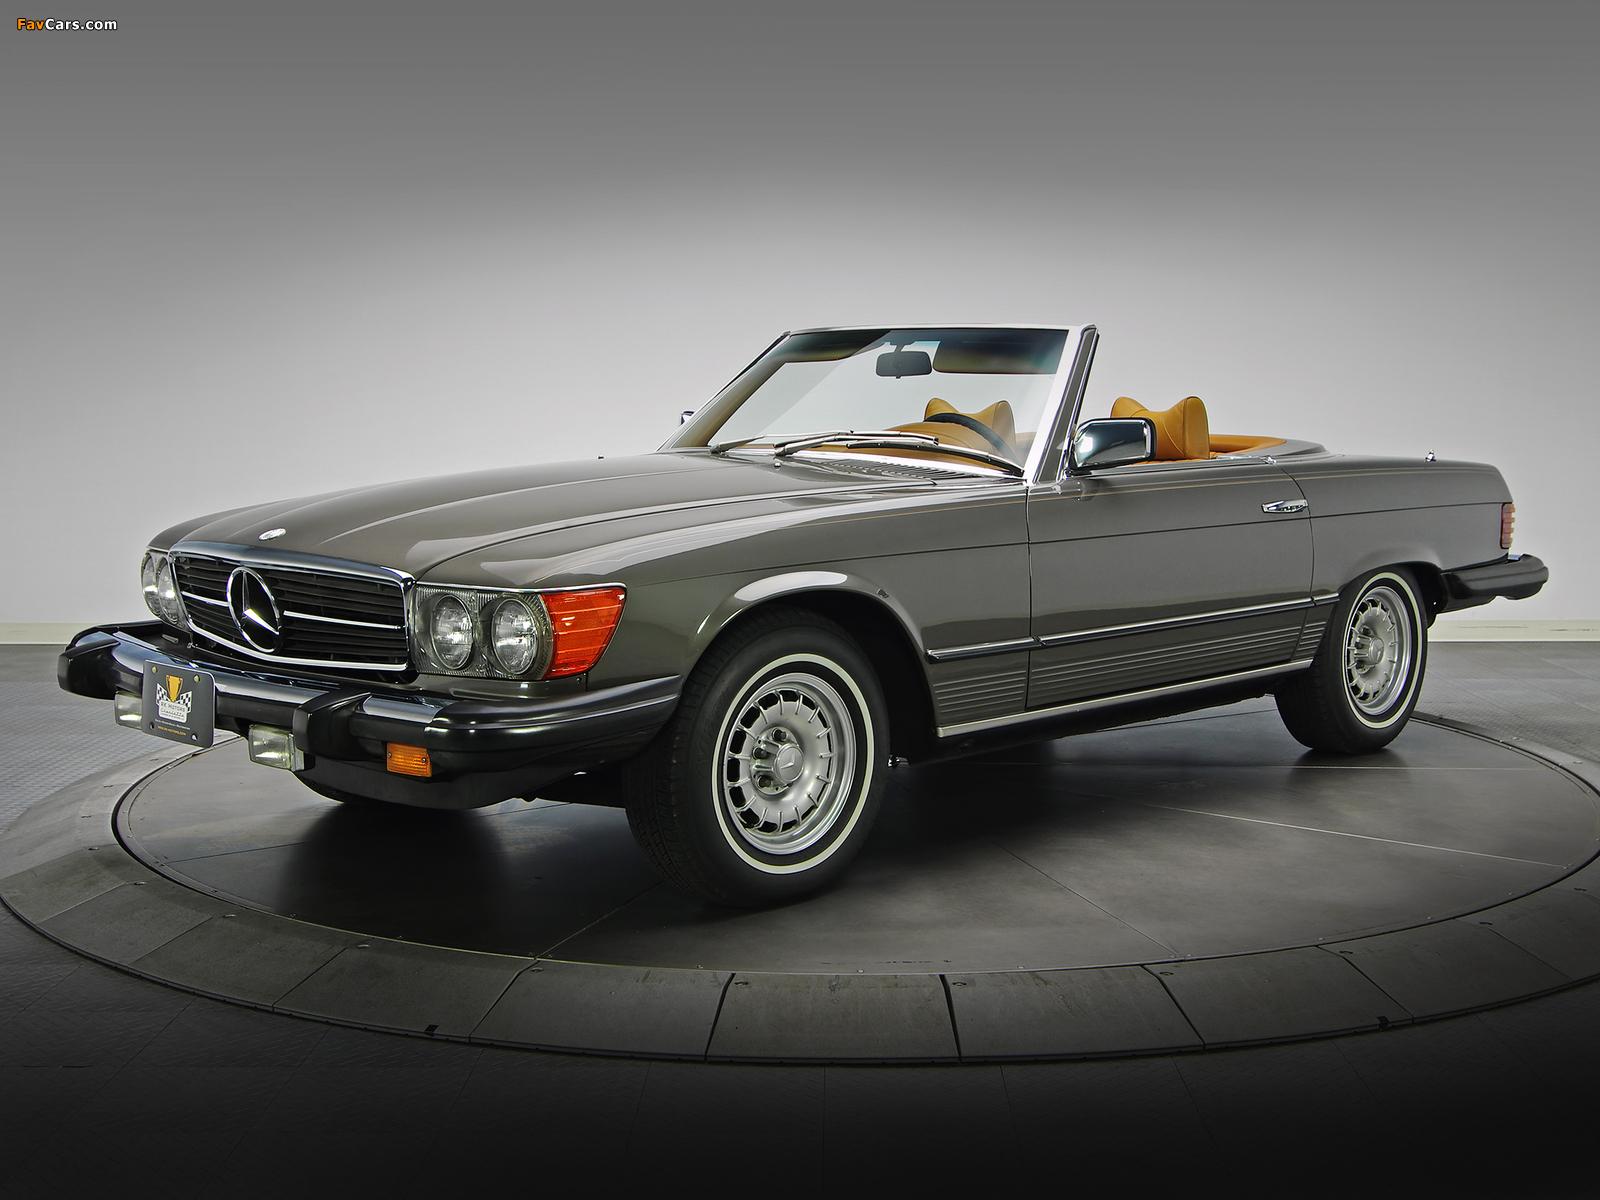 Mercedes benz 450 sl us spec r107 1972 80 images 1600x1200 for Mercedes benz 1972